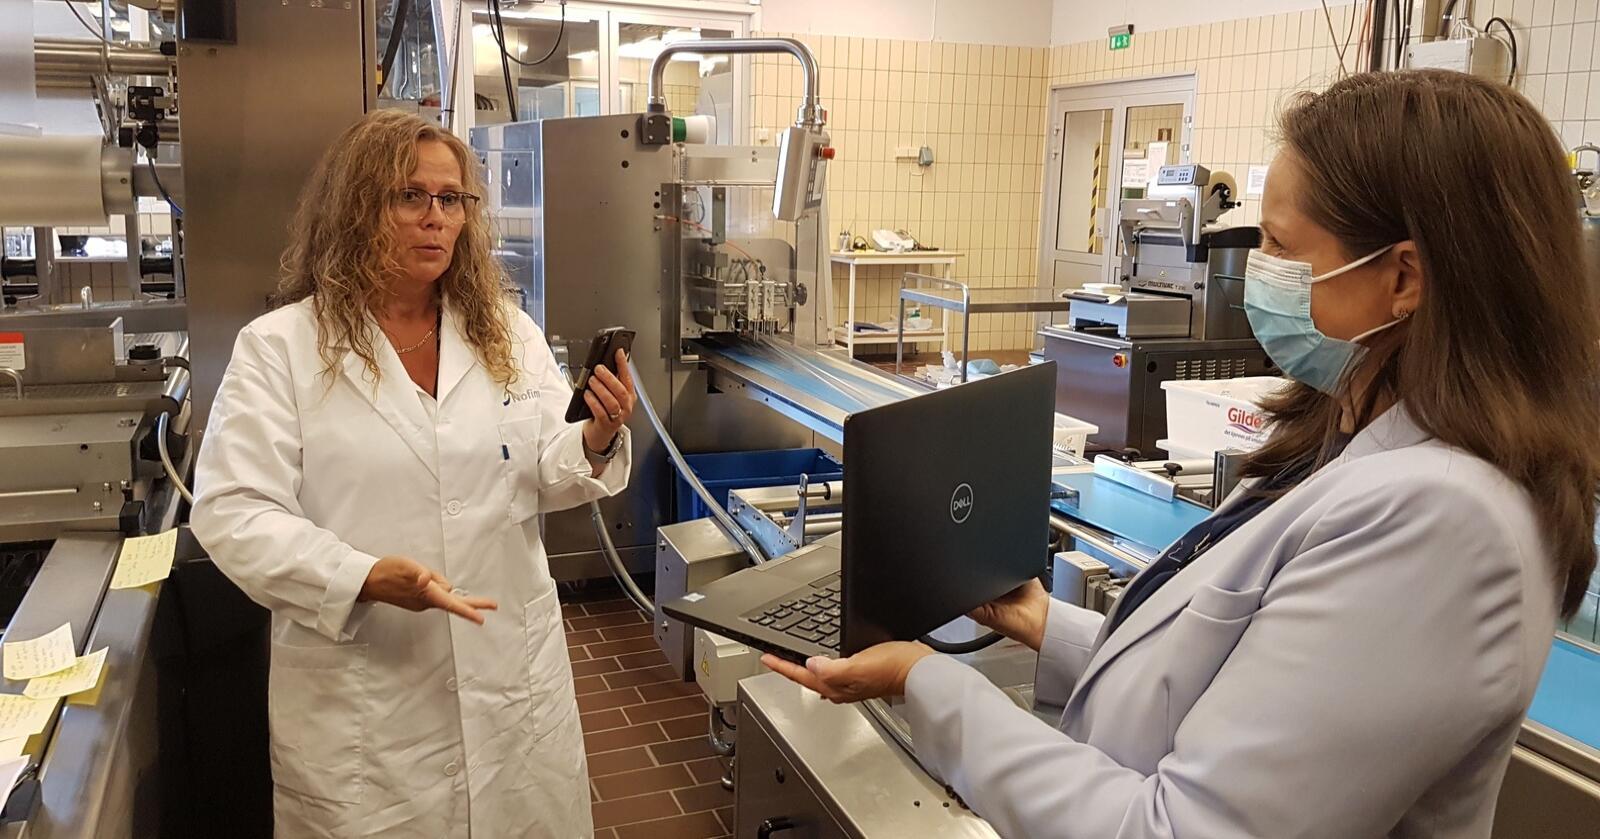 Marit Kvalvåg Pettersen og Wenche Aale Hægermark ved Nofima gir statsråden en digital omvisning i forskningslokalene. Foto: Regjeringen